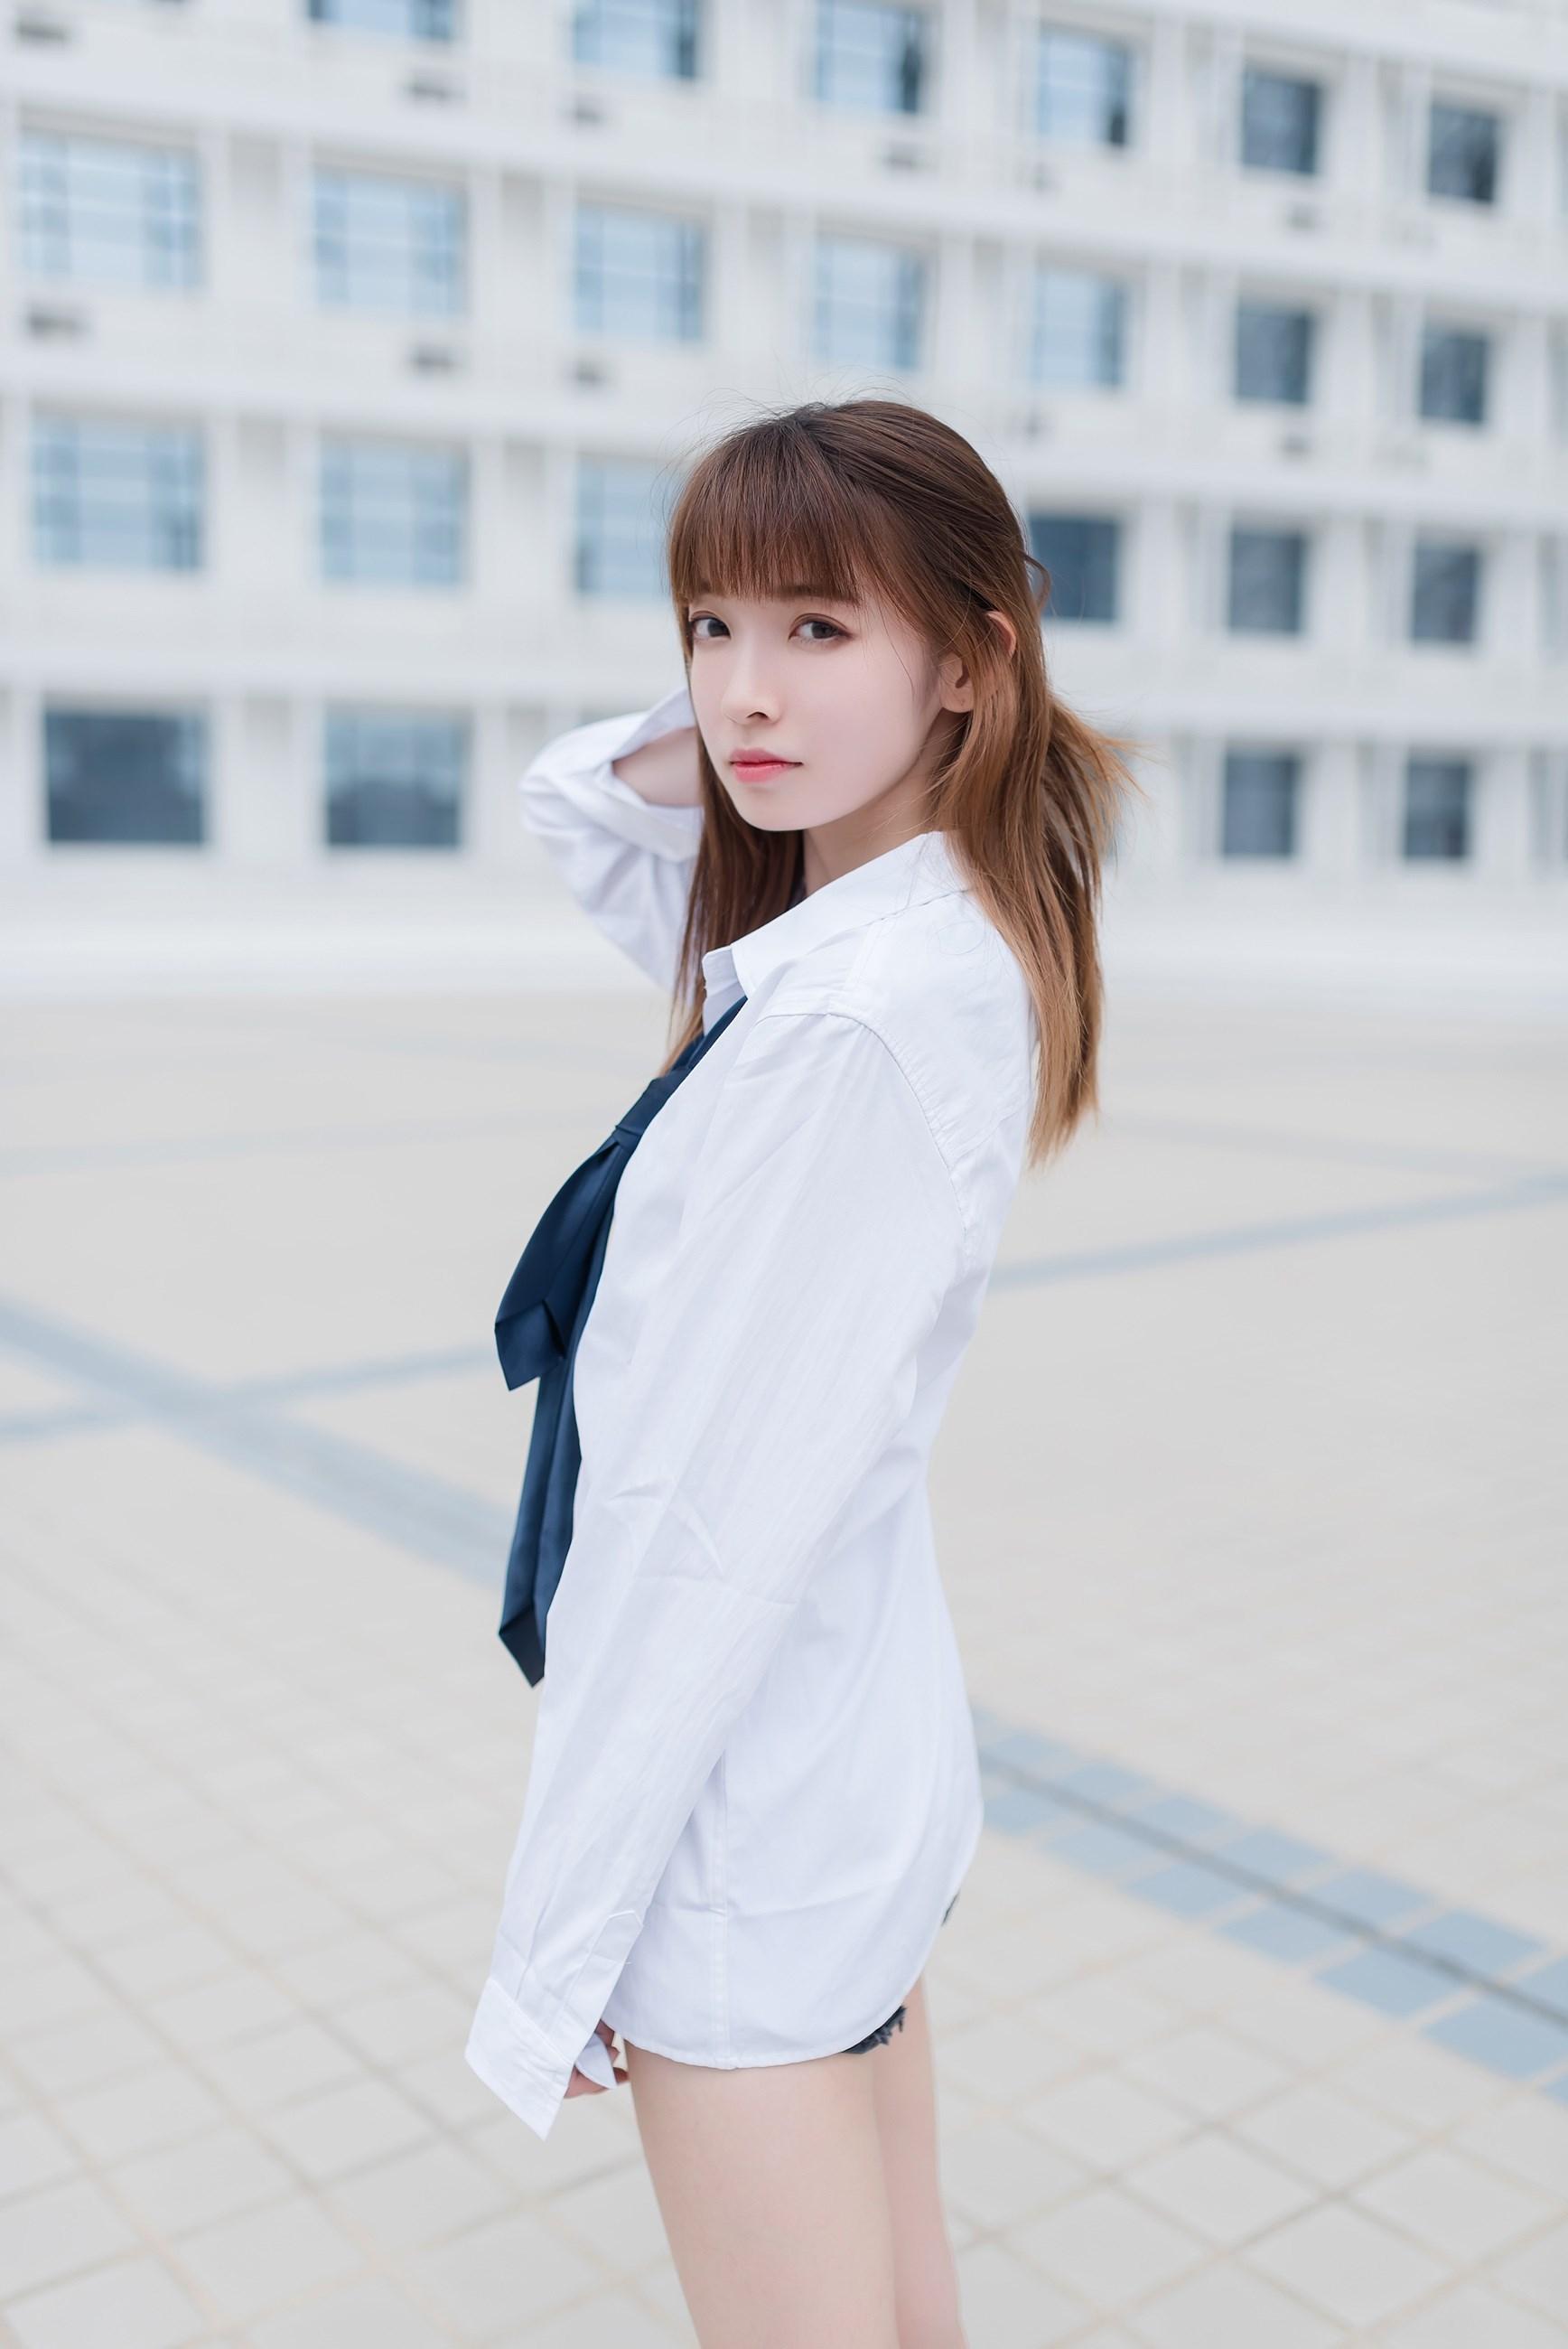 【兔玩映画】裸脚白衬衫 · 足控福利 兔玩映画 第46张